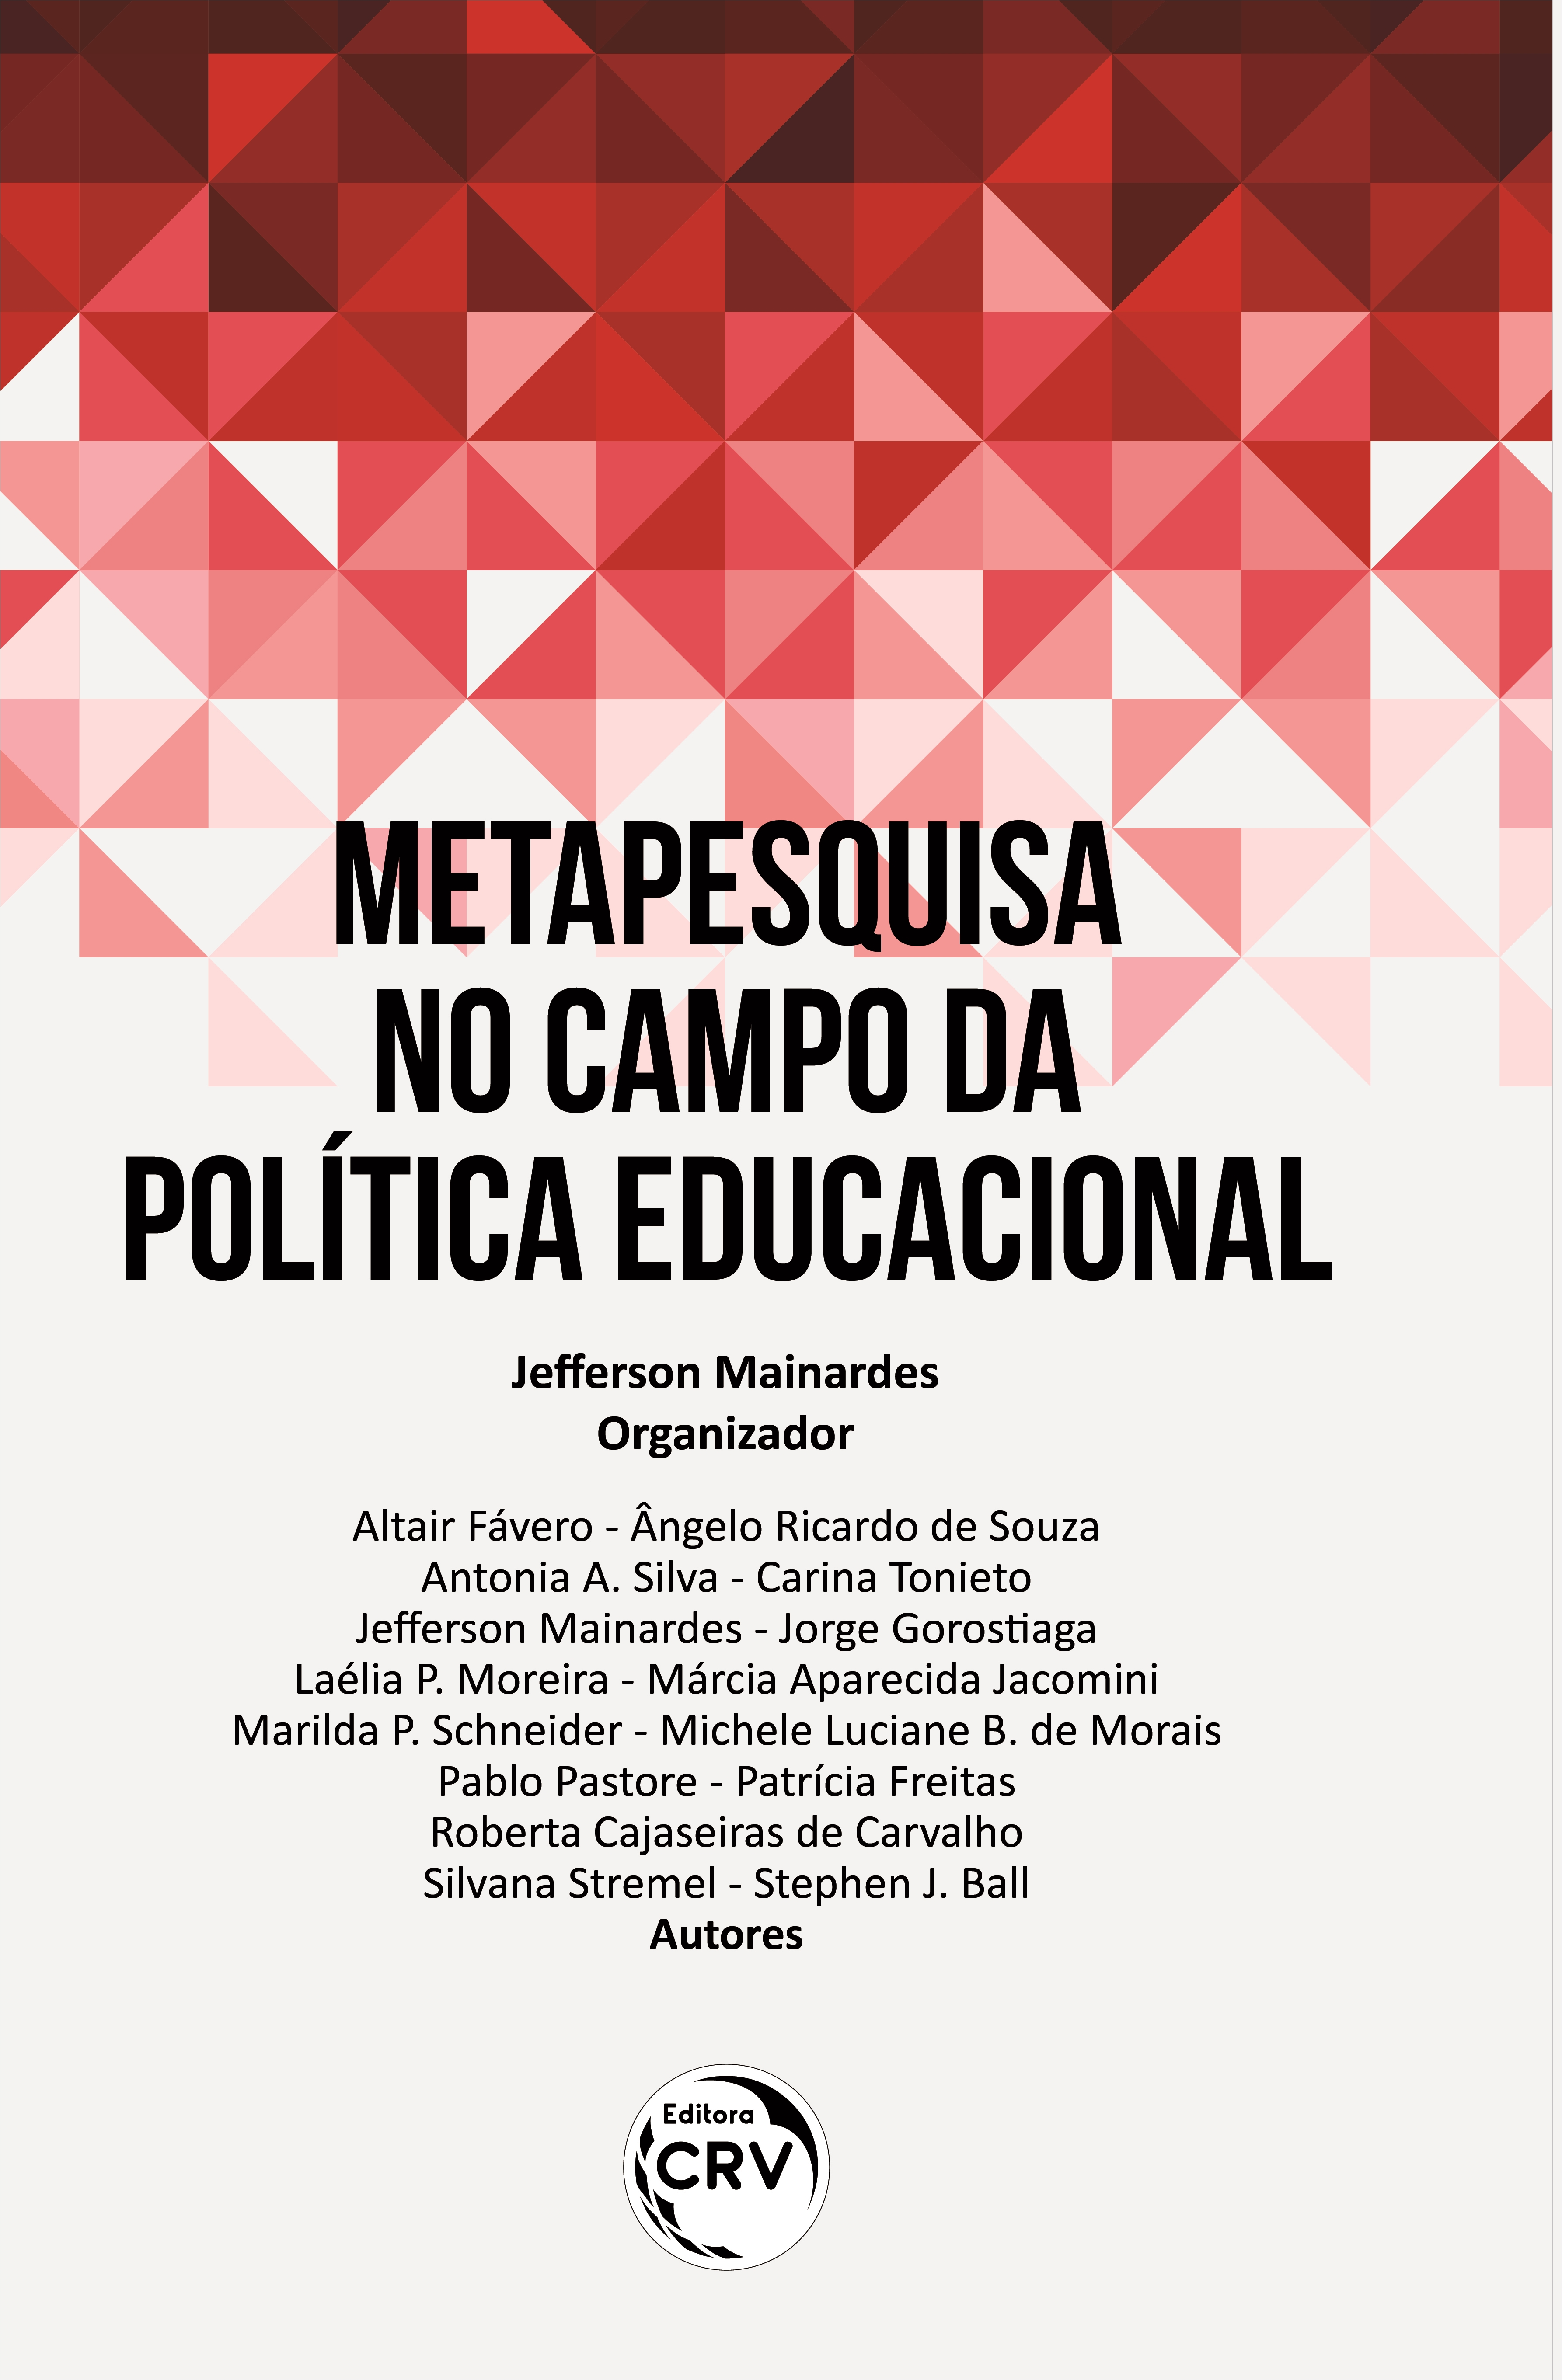 Capa do livro: METAPESQUISA NO CAMPO DA POLÍTICA EDUCACIONAL